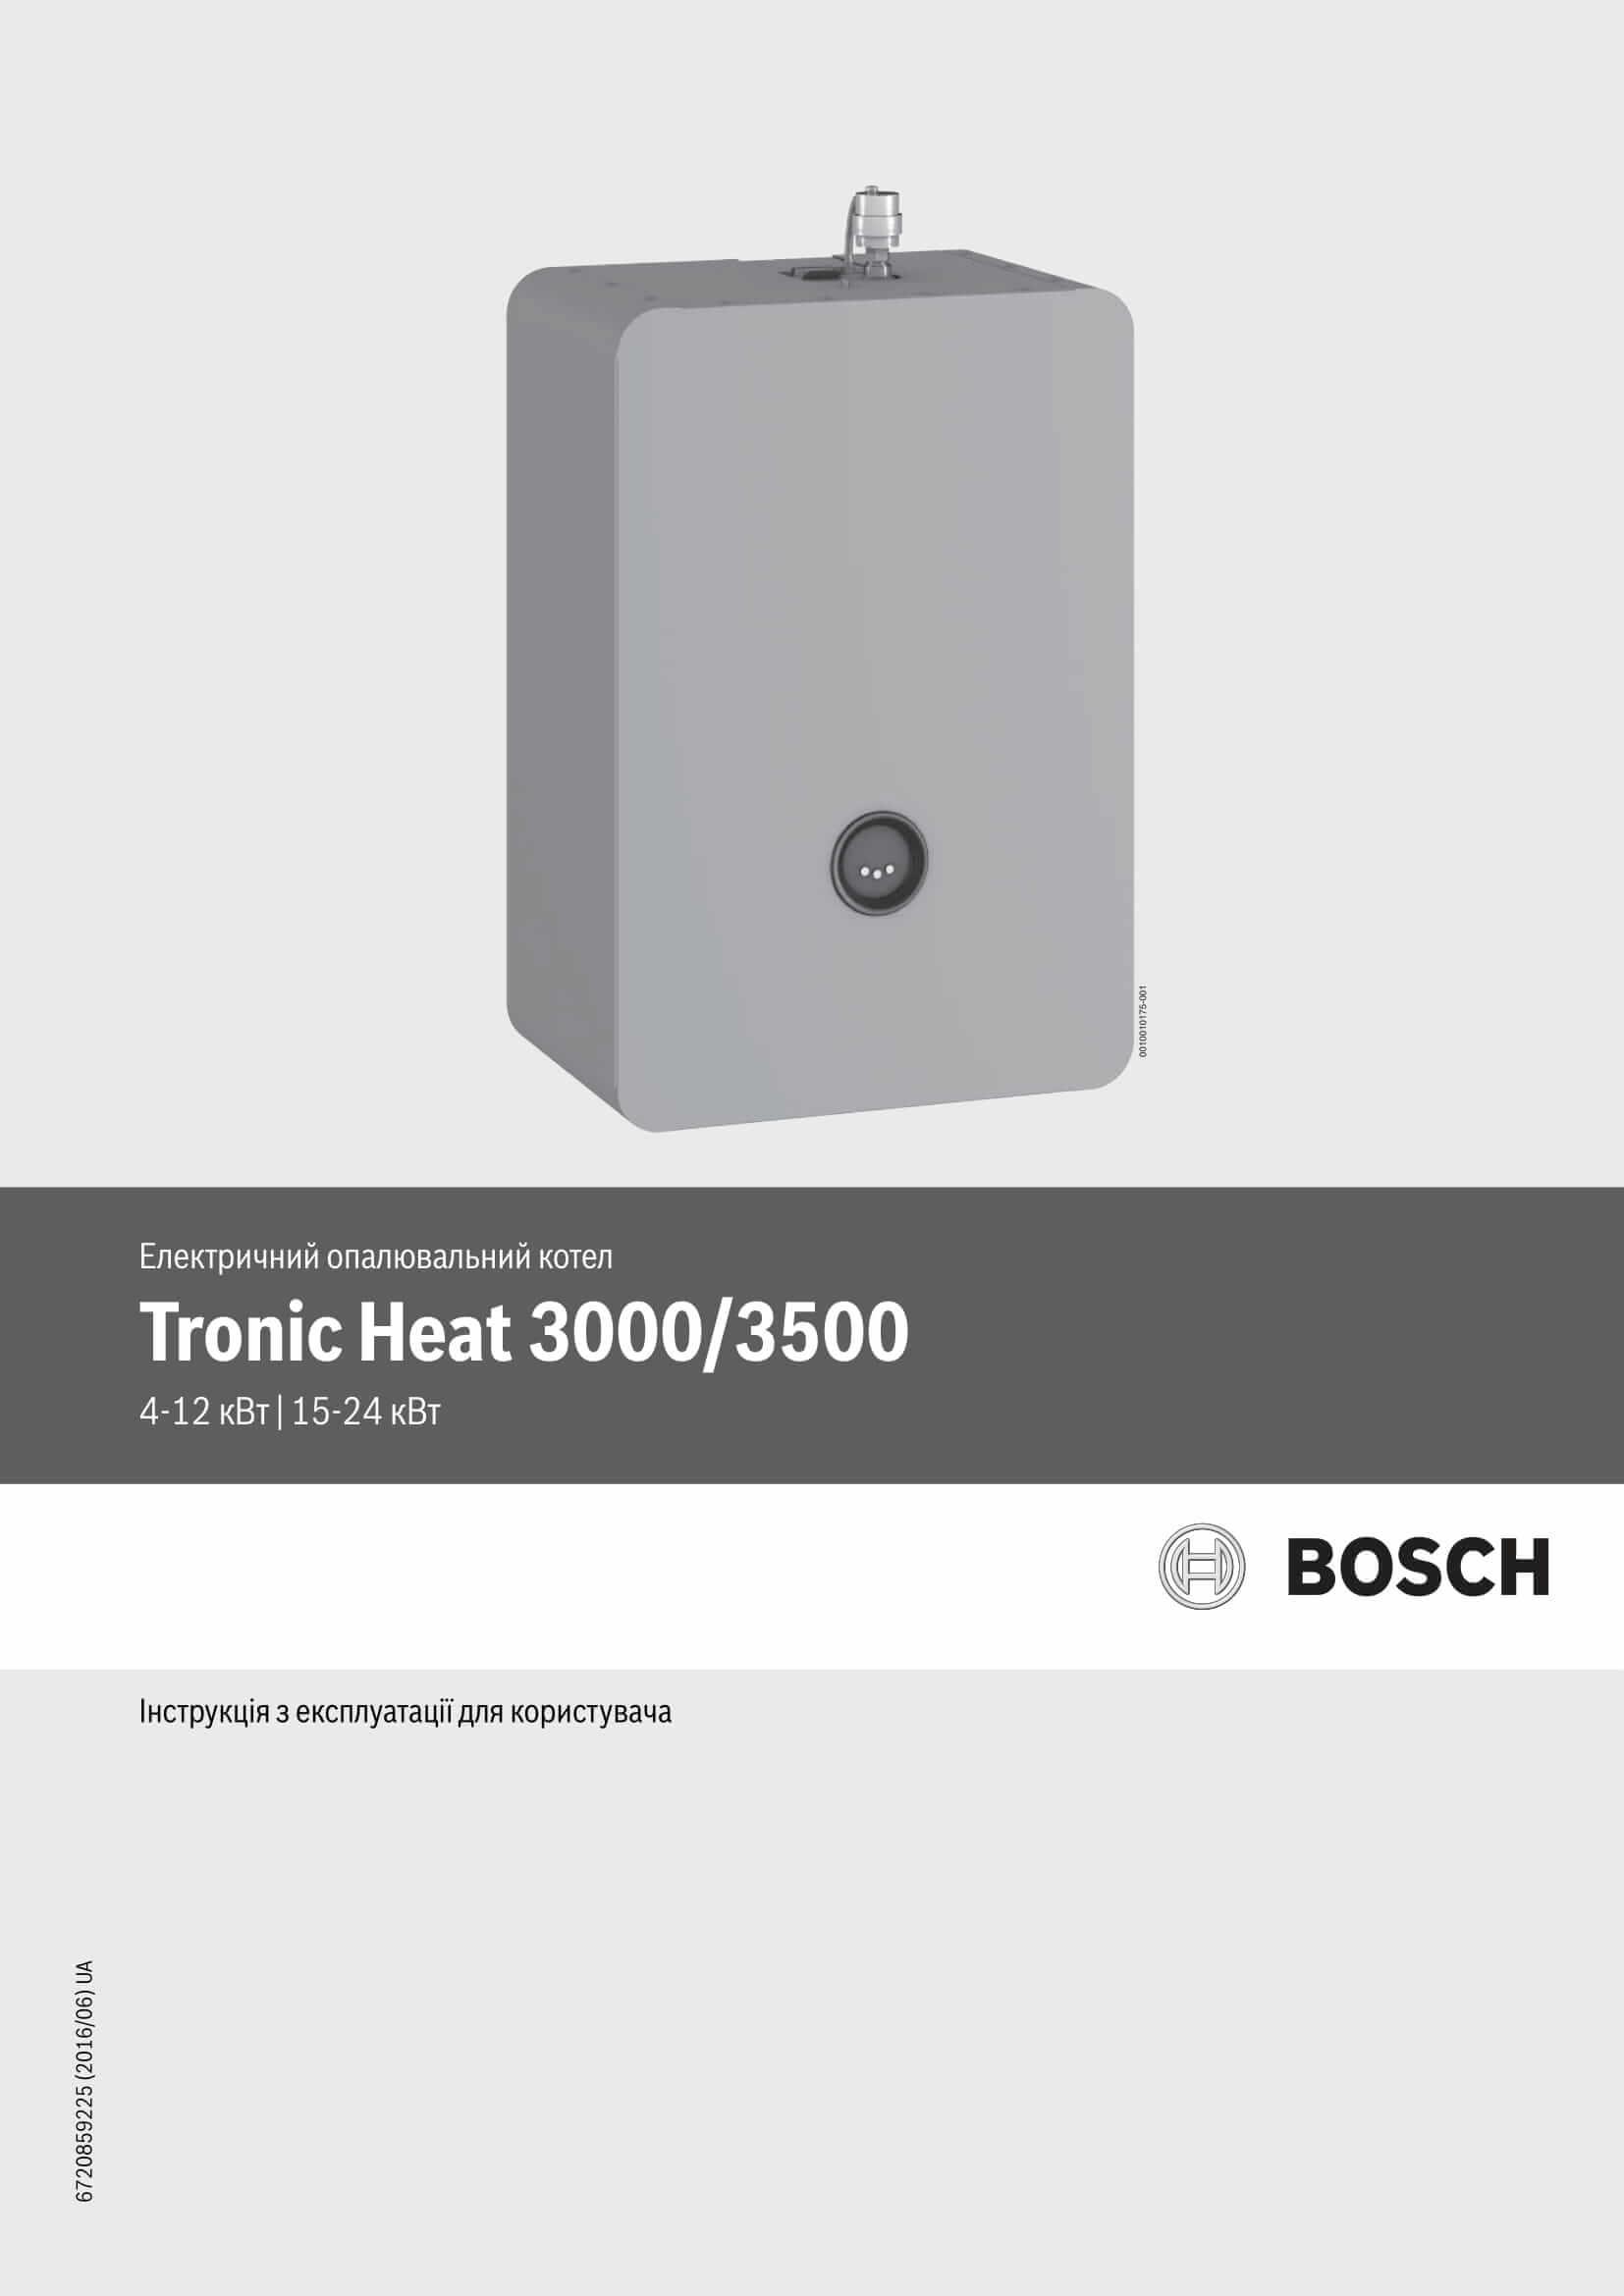 Фотография Инструкция по эксплуатации электрического котла Tronic Heat 3500